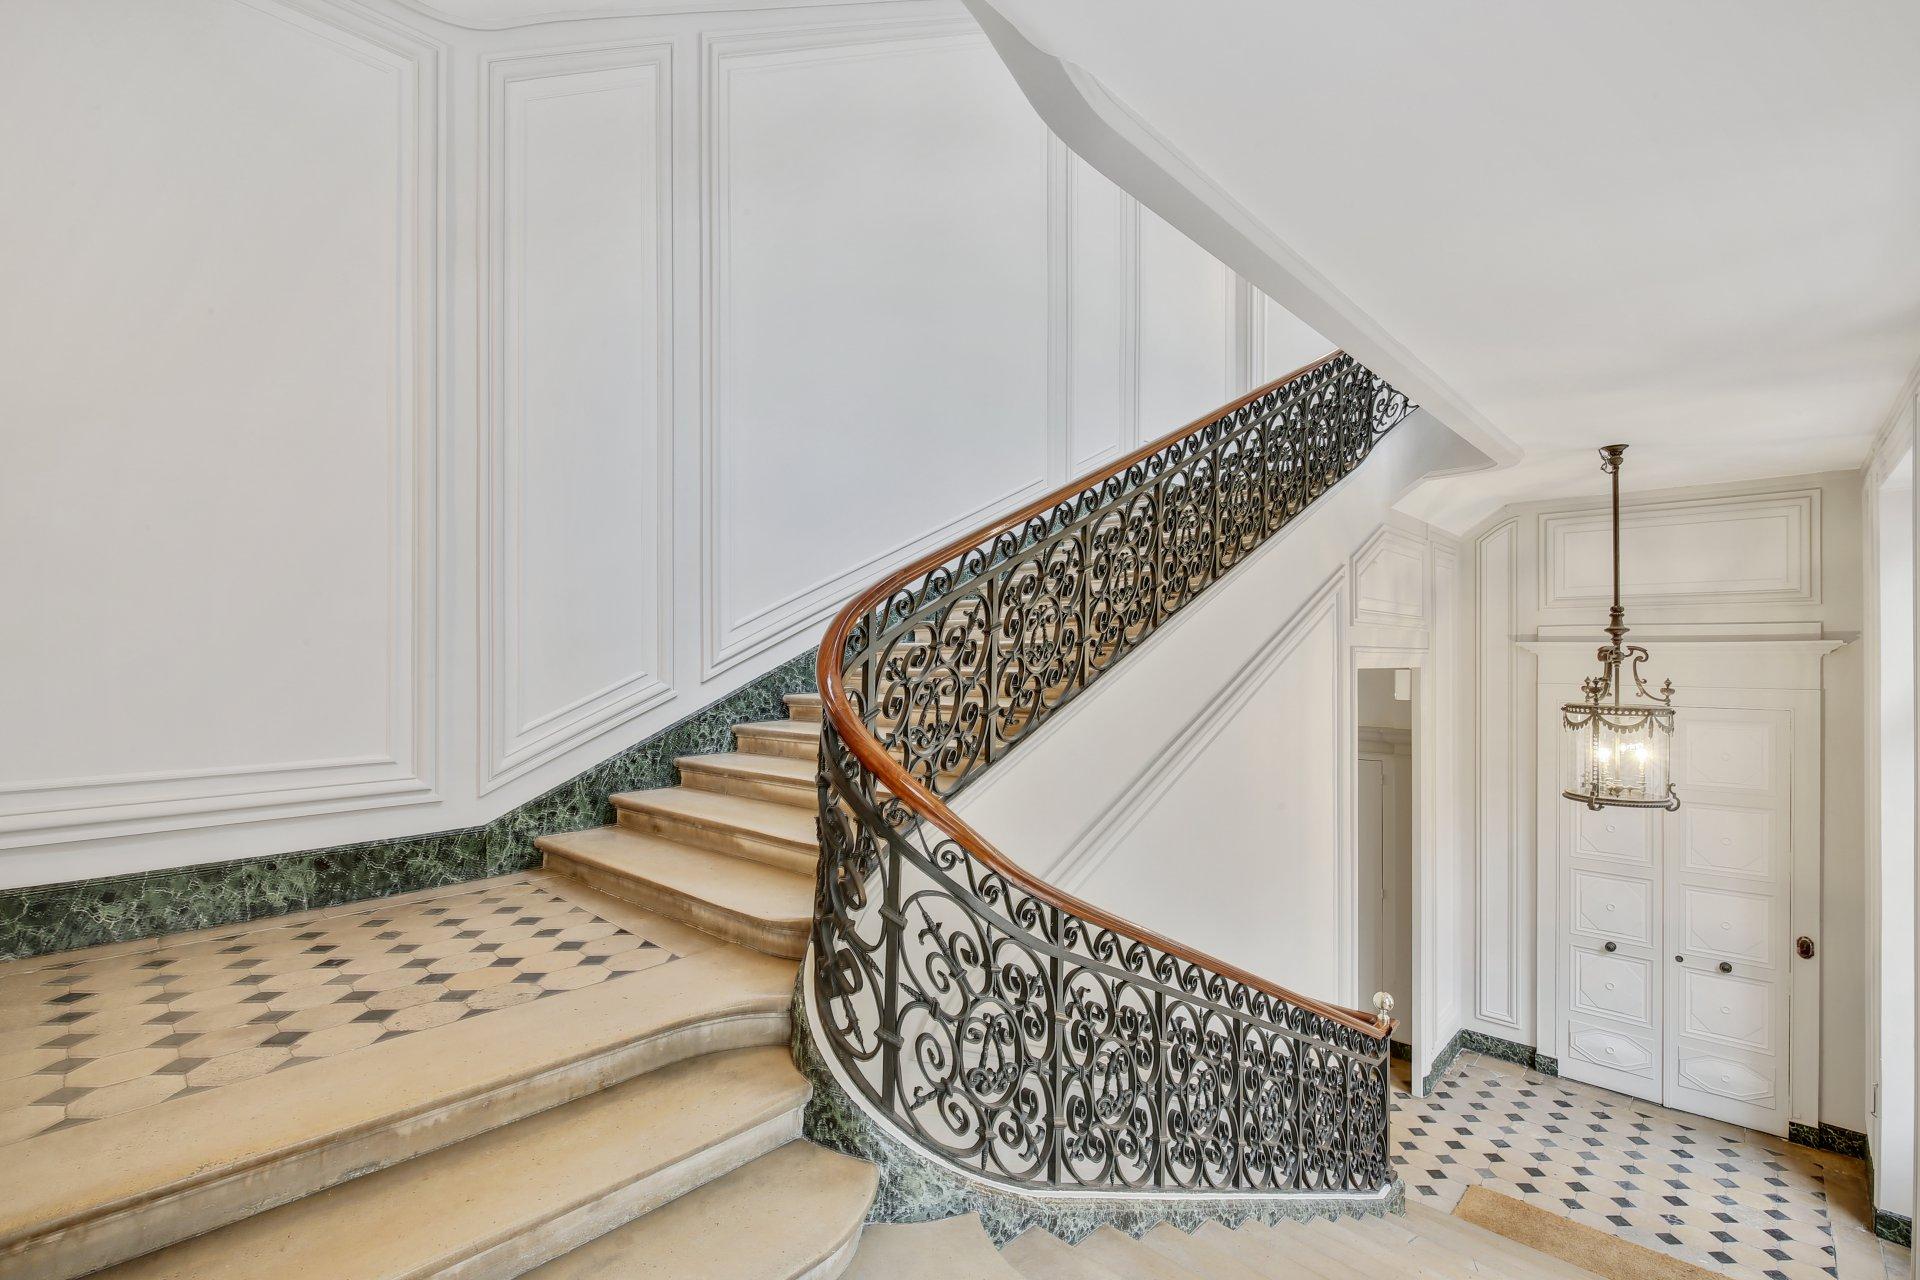 Paris 7th arrondissement - Saint-Germain-des-Prés - Magnificent duplex and separate contemporary loft inside a historic mansion -